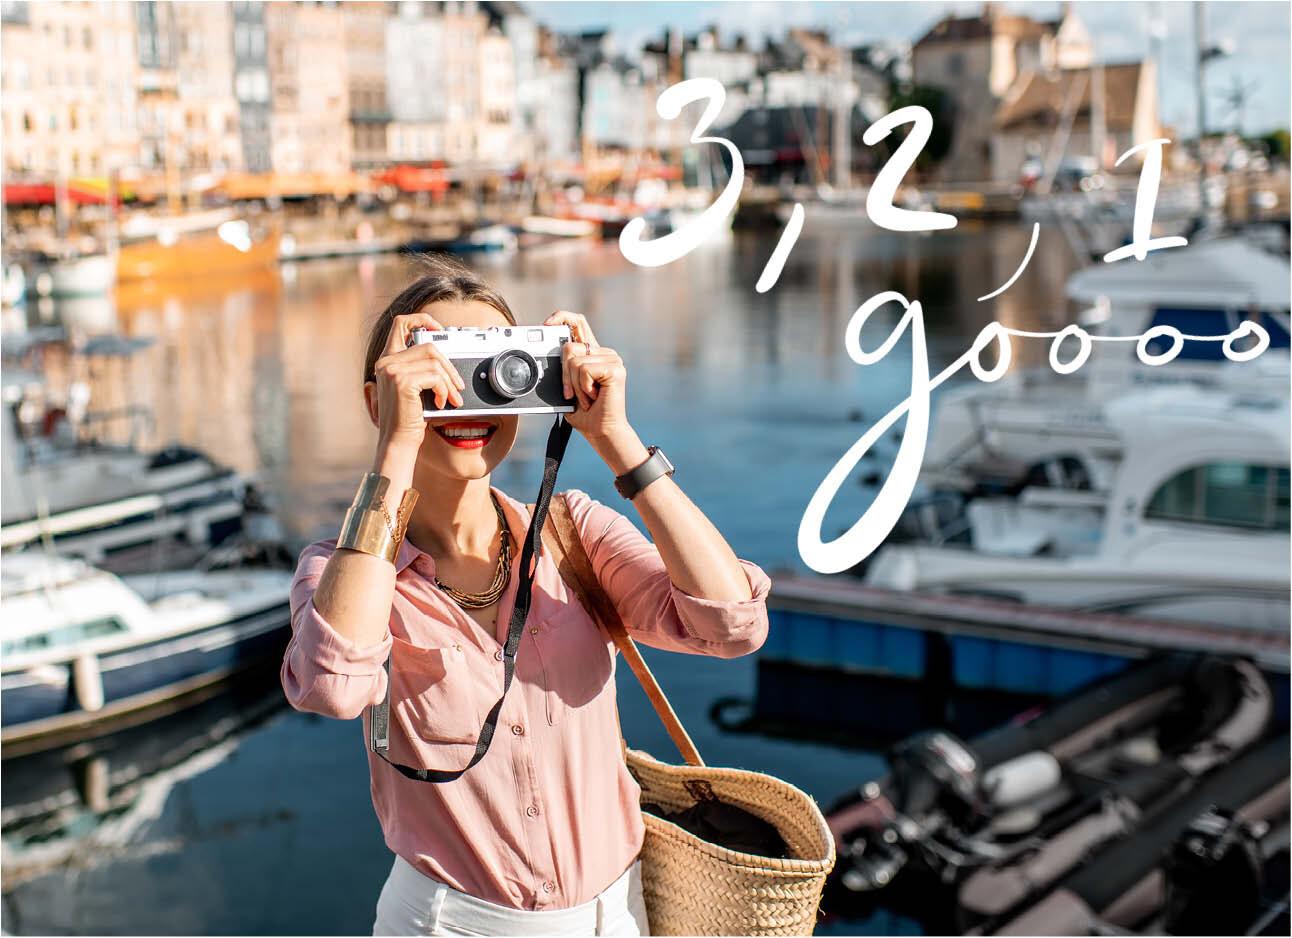 Vakantie in 2021: liever op reis dan de ware liefde vinden